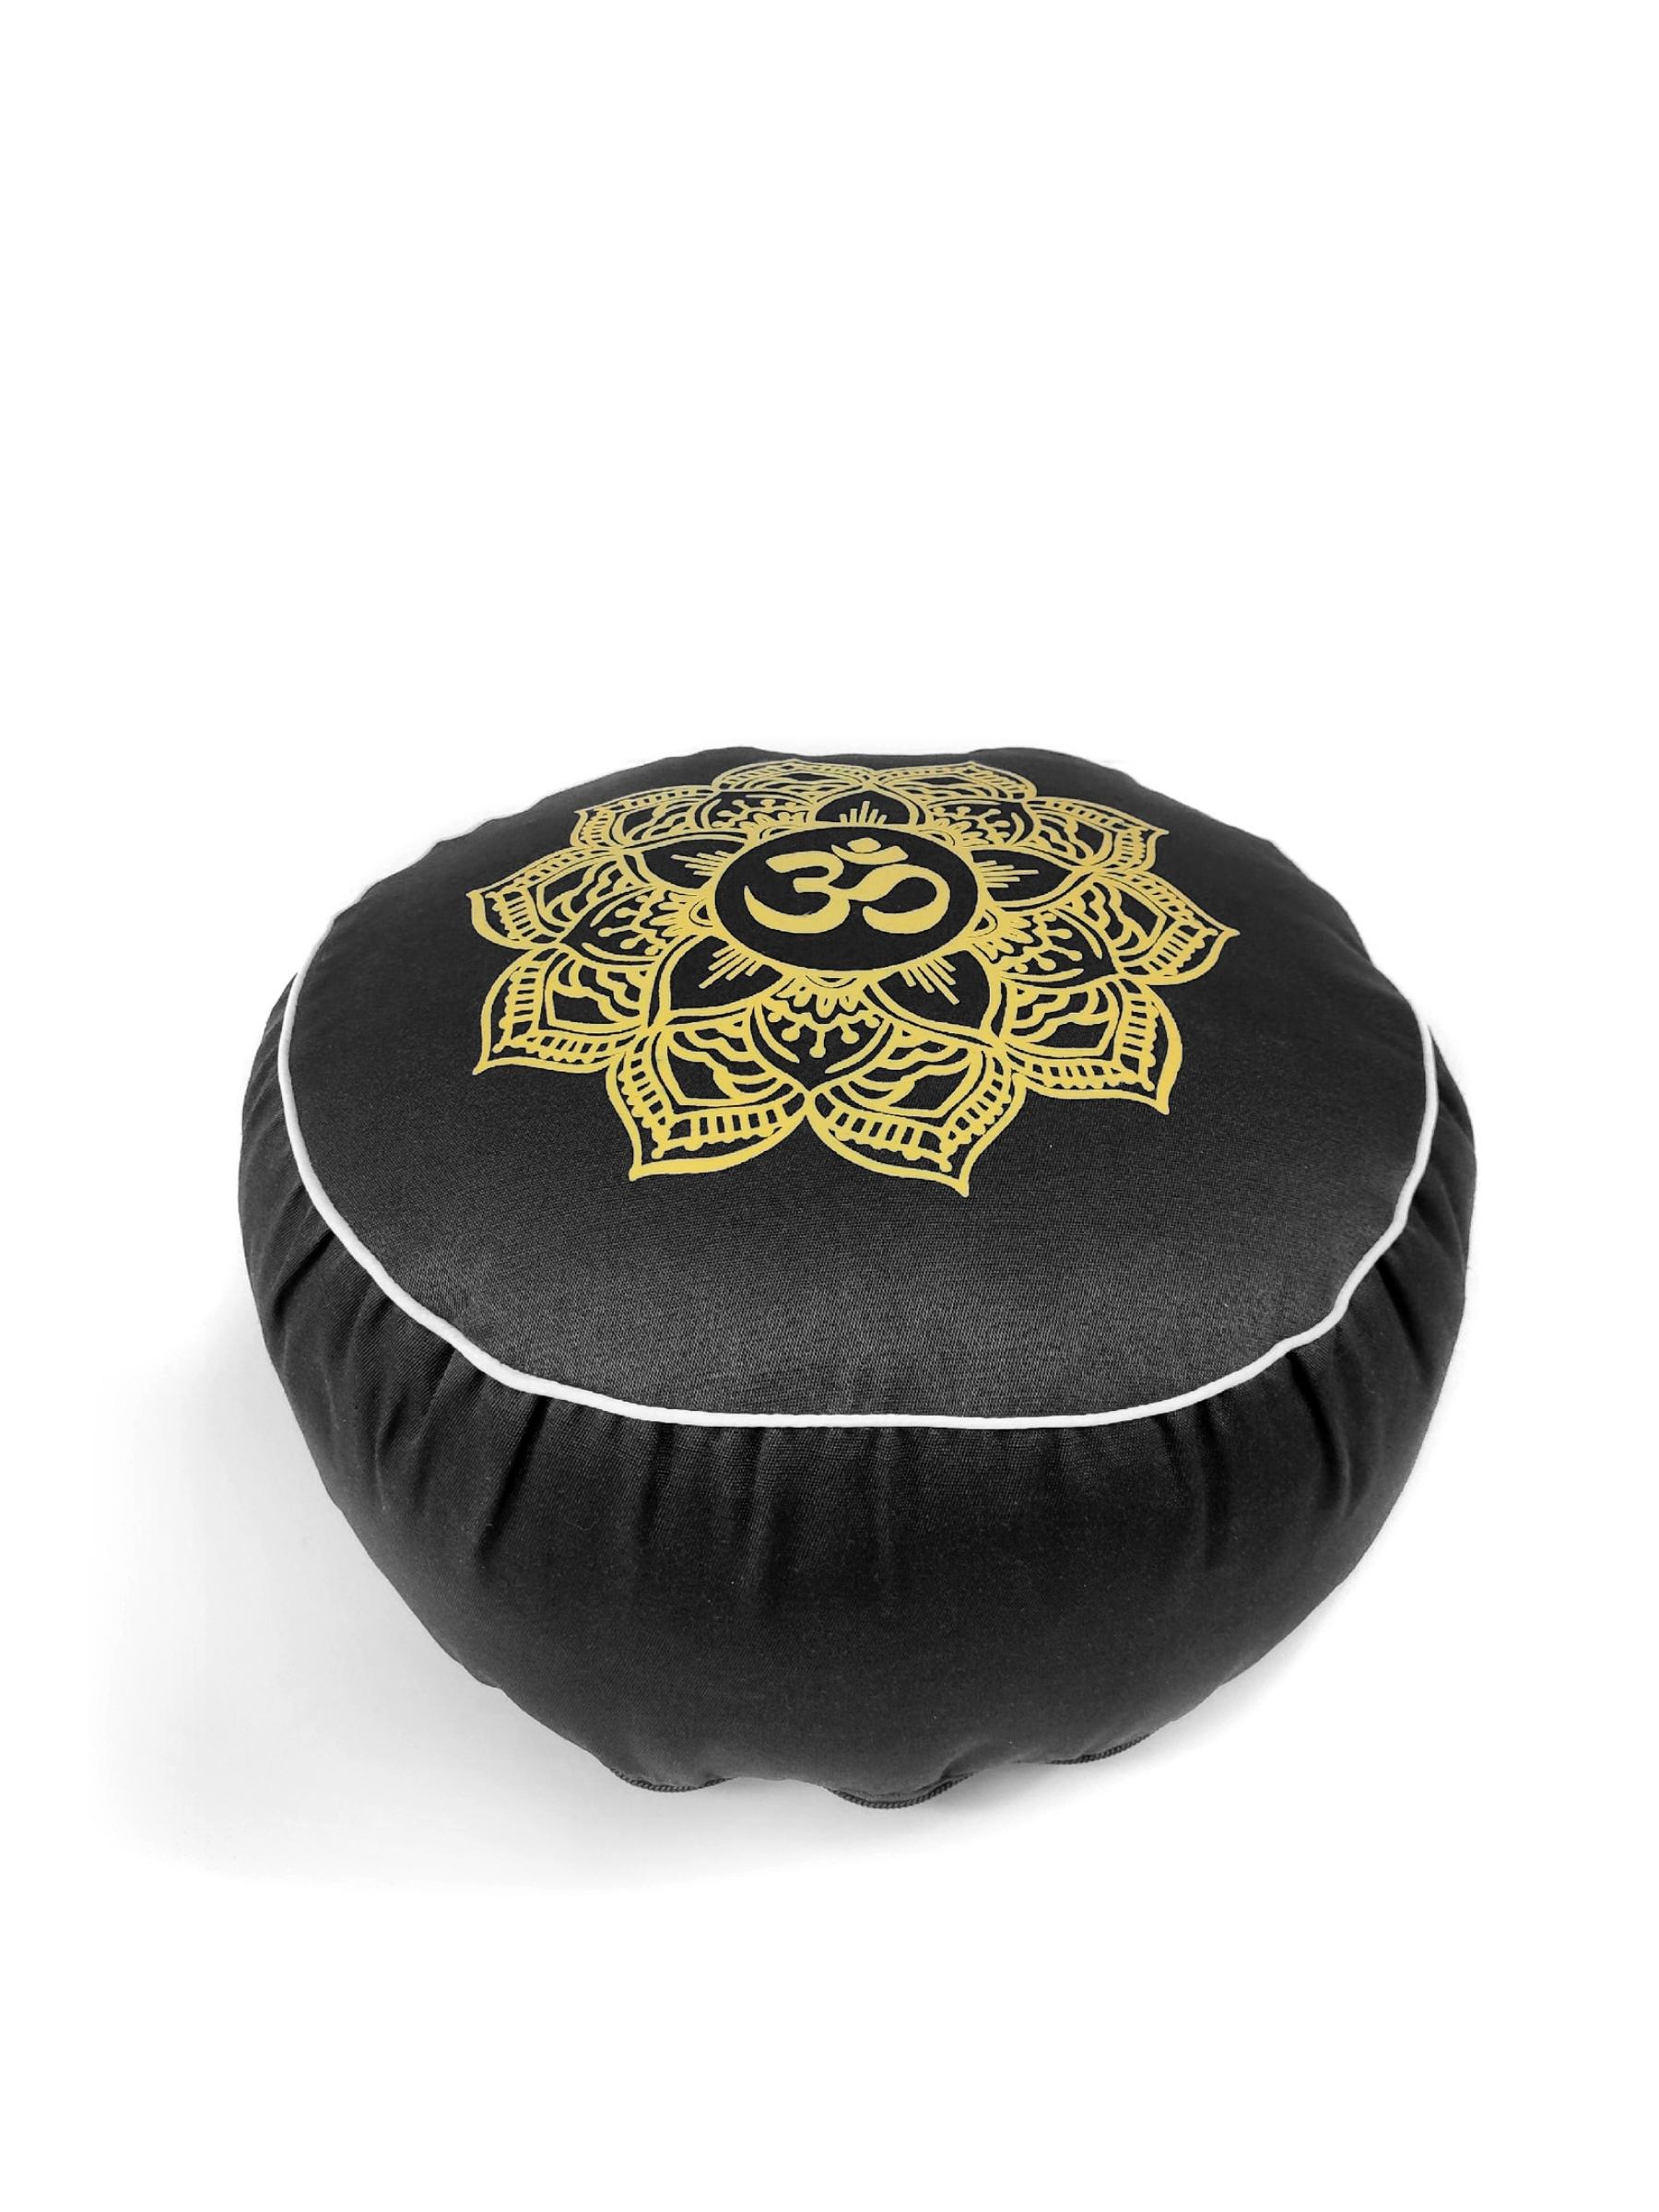 Подушка для медитации Ом Рамайога (2 кг, черный) подушка для медитации simple 2 5 кг зеленый